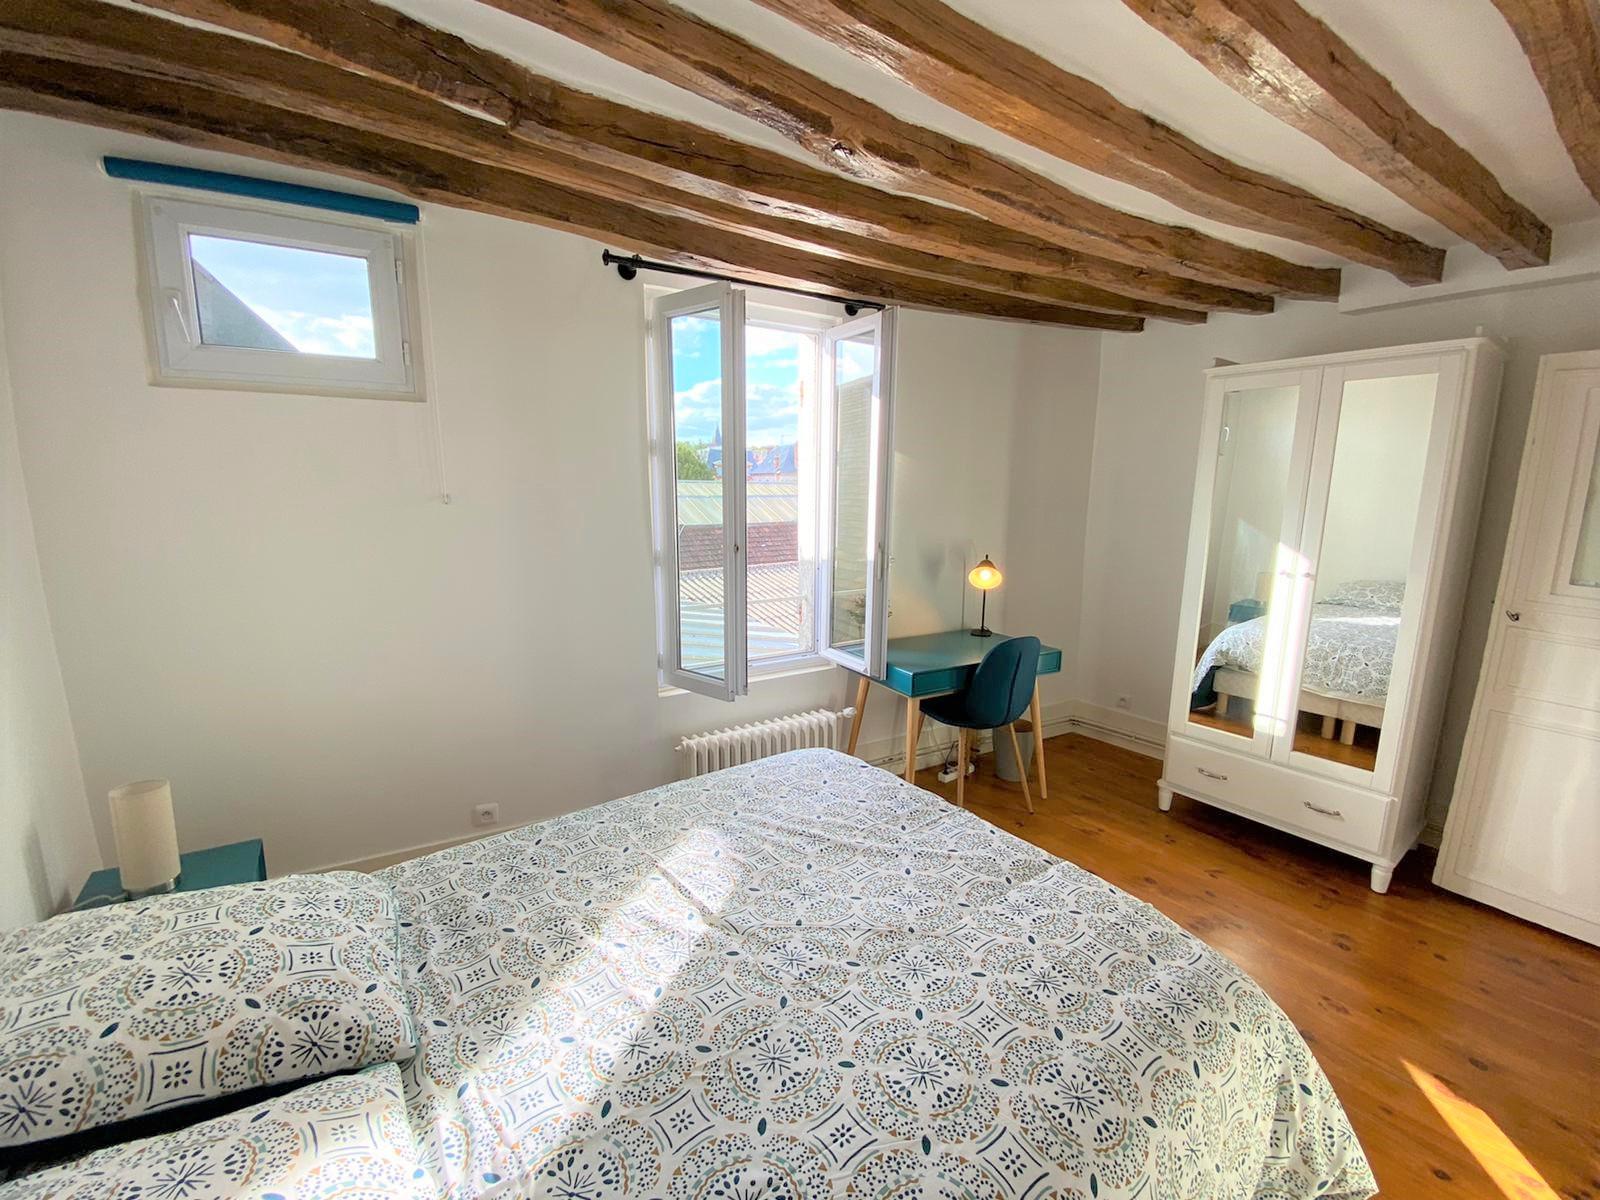 Bedroom 3 Insead MBA housing rental